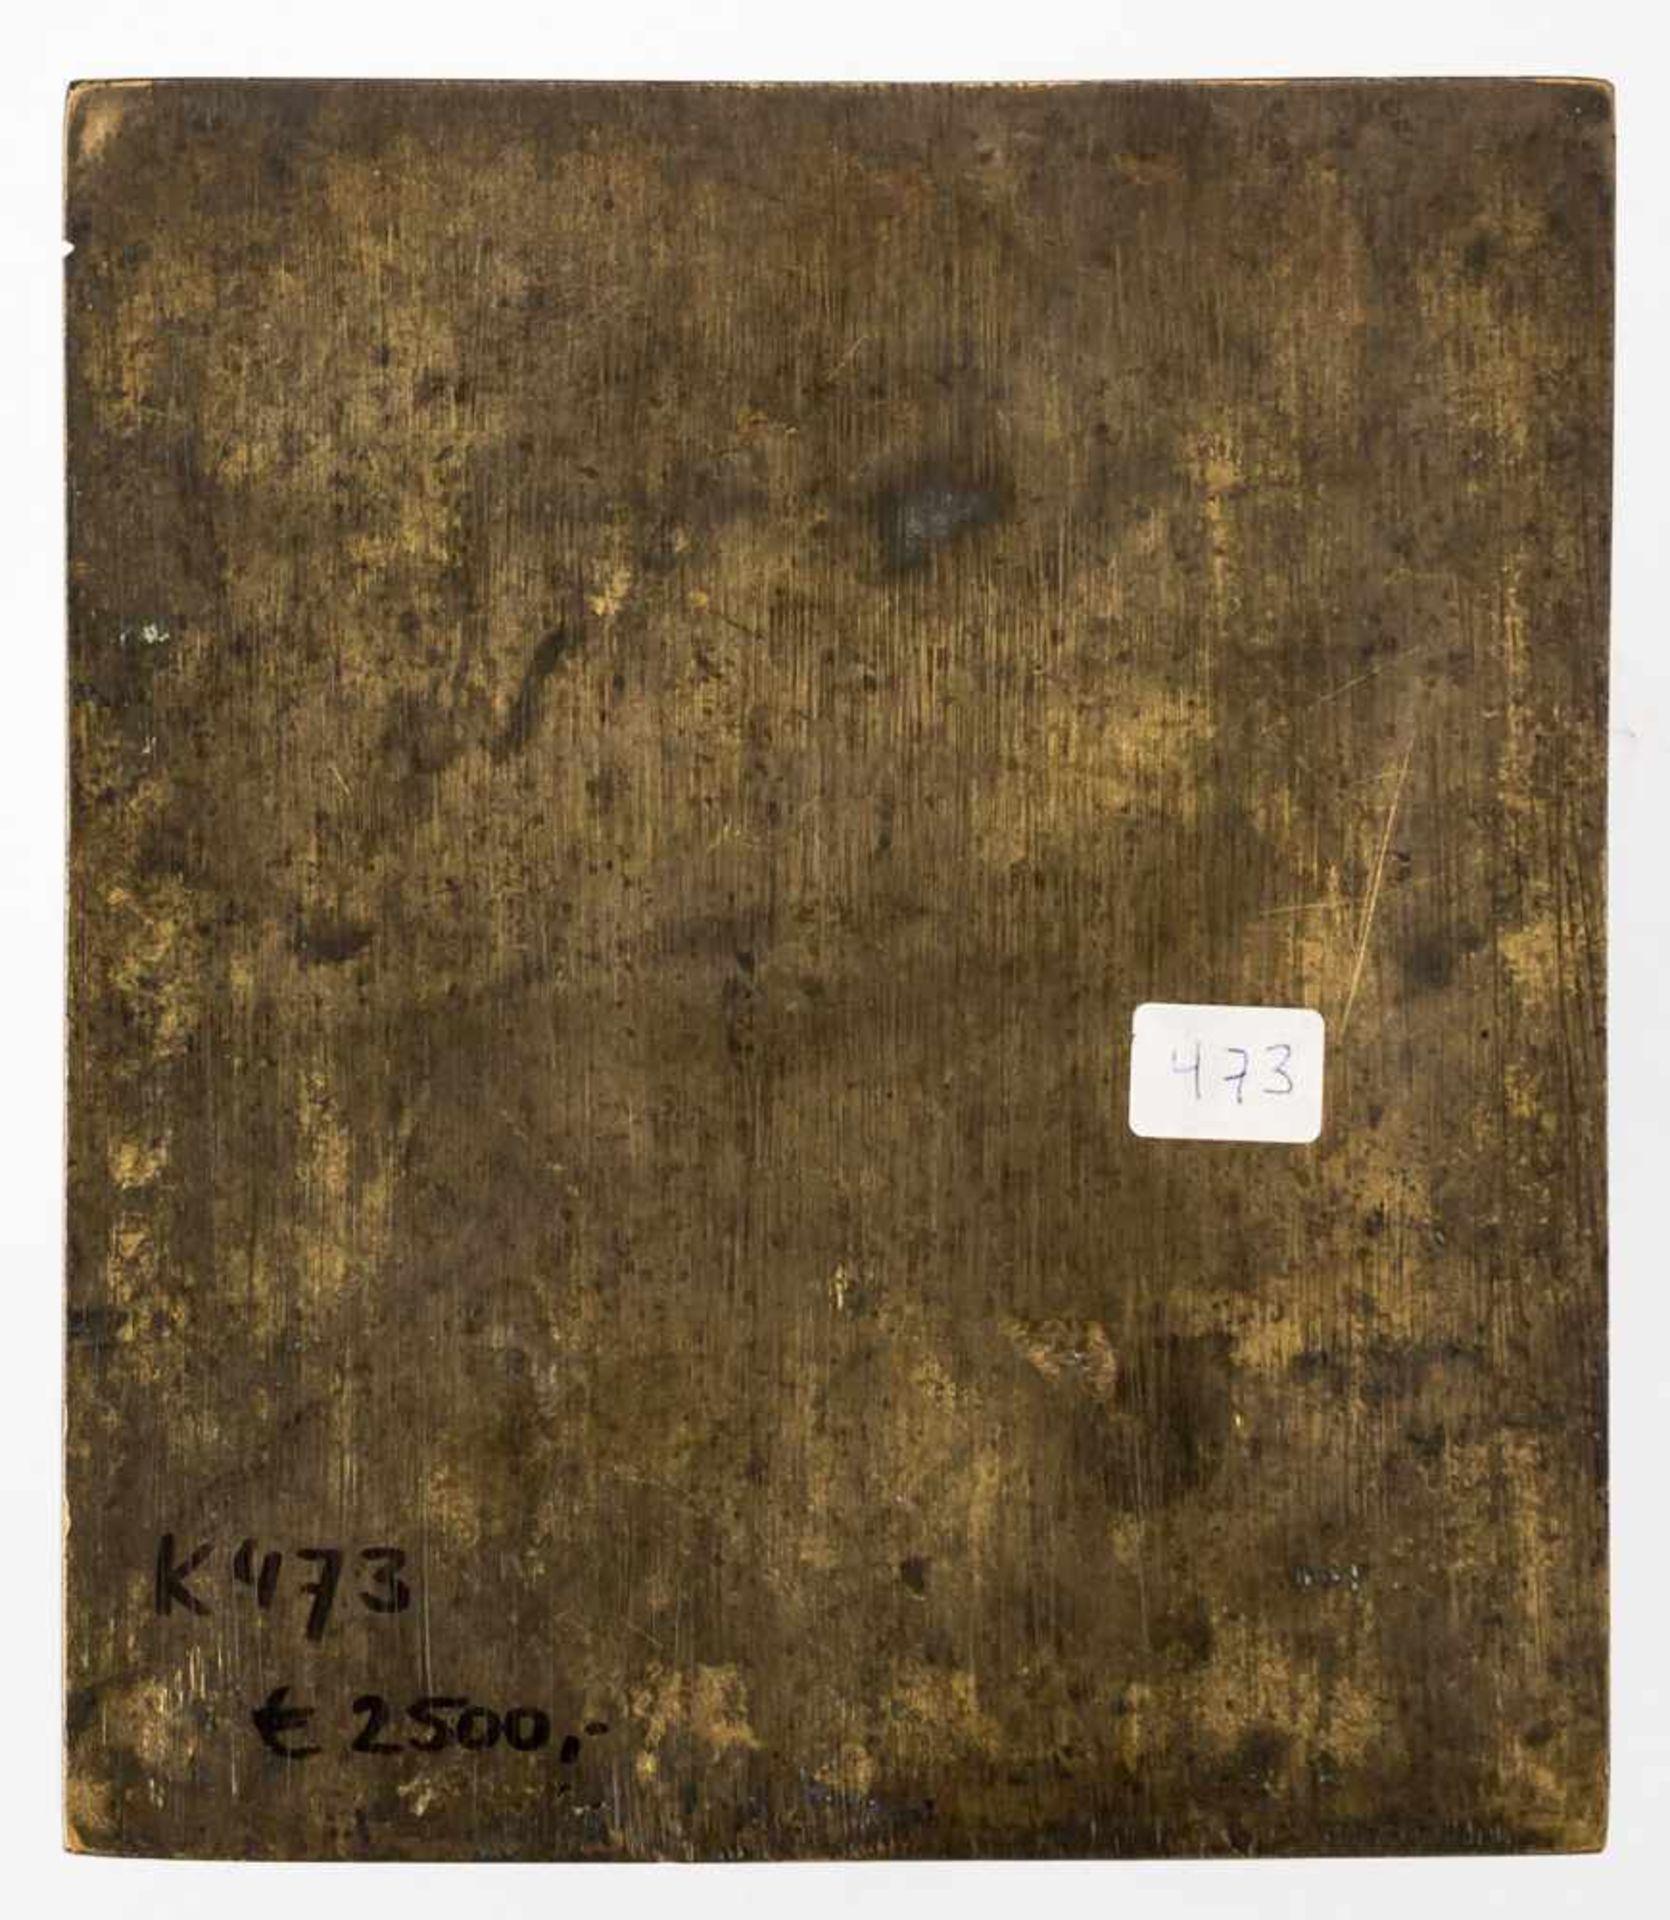 *Gottesmutter von Tichvin Russische zweifach emaillierte Bronze-Ikone, um 1800 17,5 x 15,2 cm Eine - Bild 2 aus 2